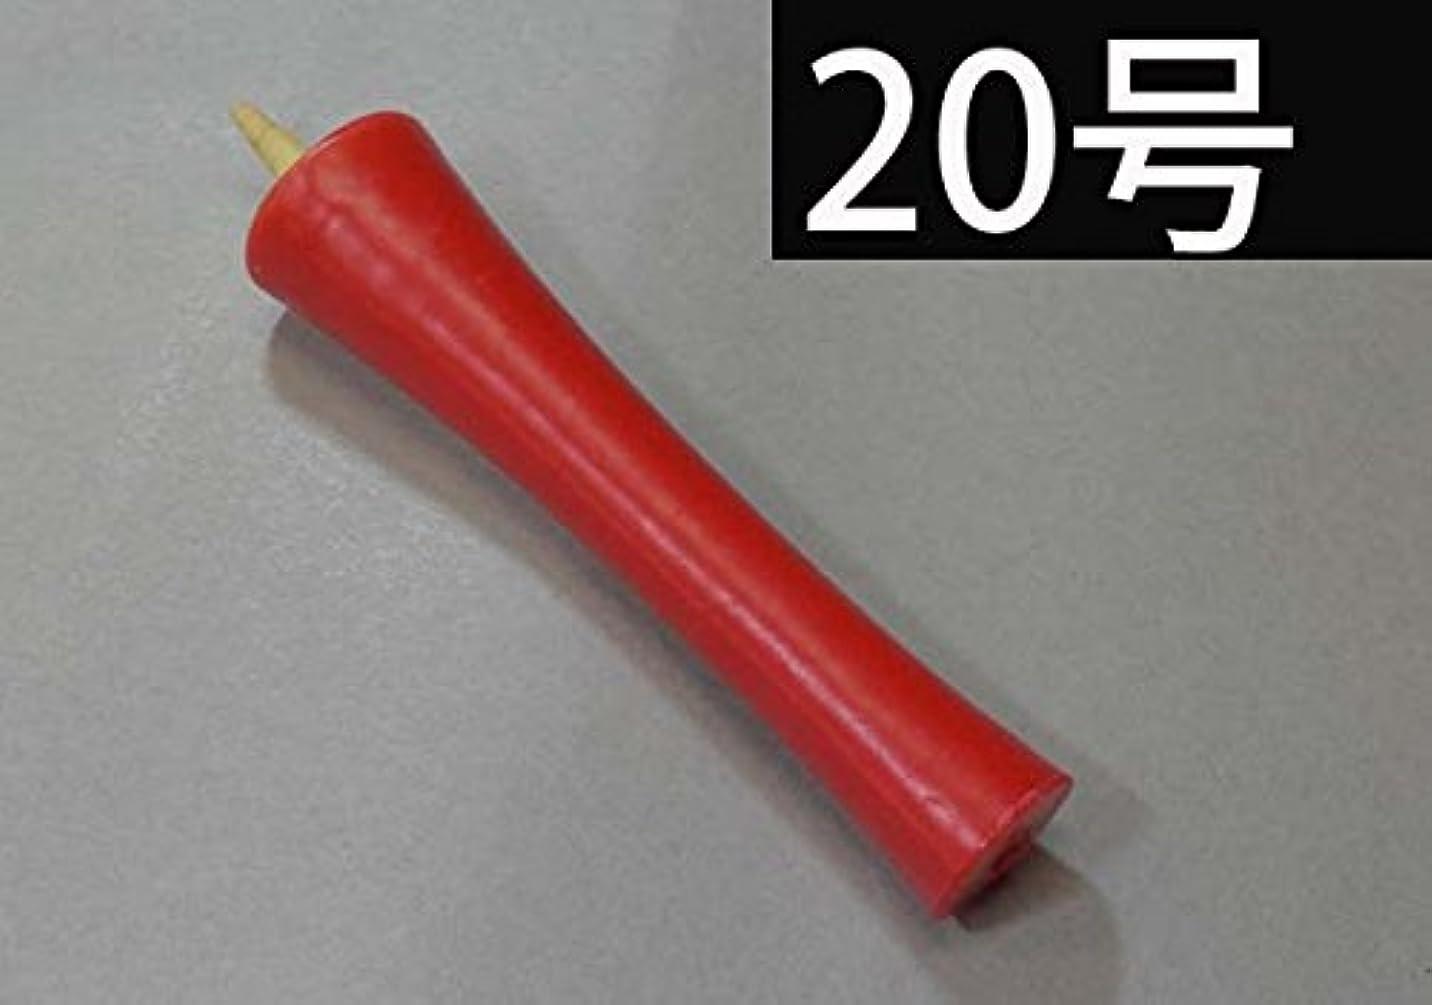 巻き取り月曜汚す和ろうそく 型和蝋燭 ローソク【朱】 イカリ 20号 朱色 6本入り 約17センチ 約3時間30分燃焼